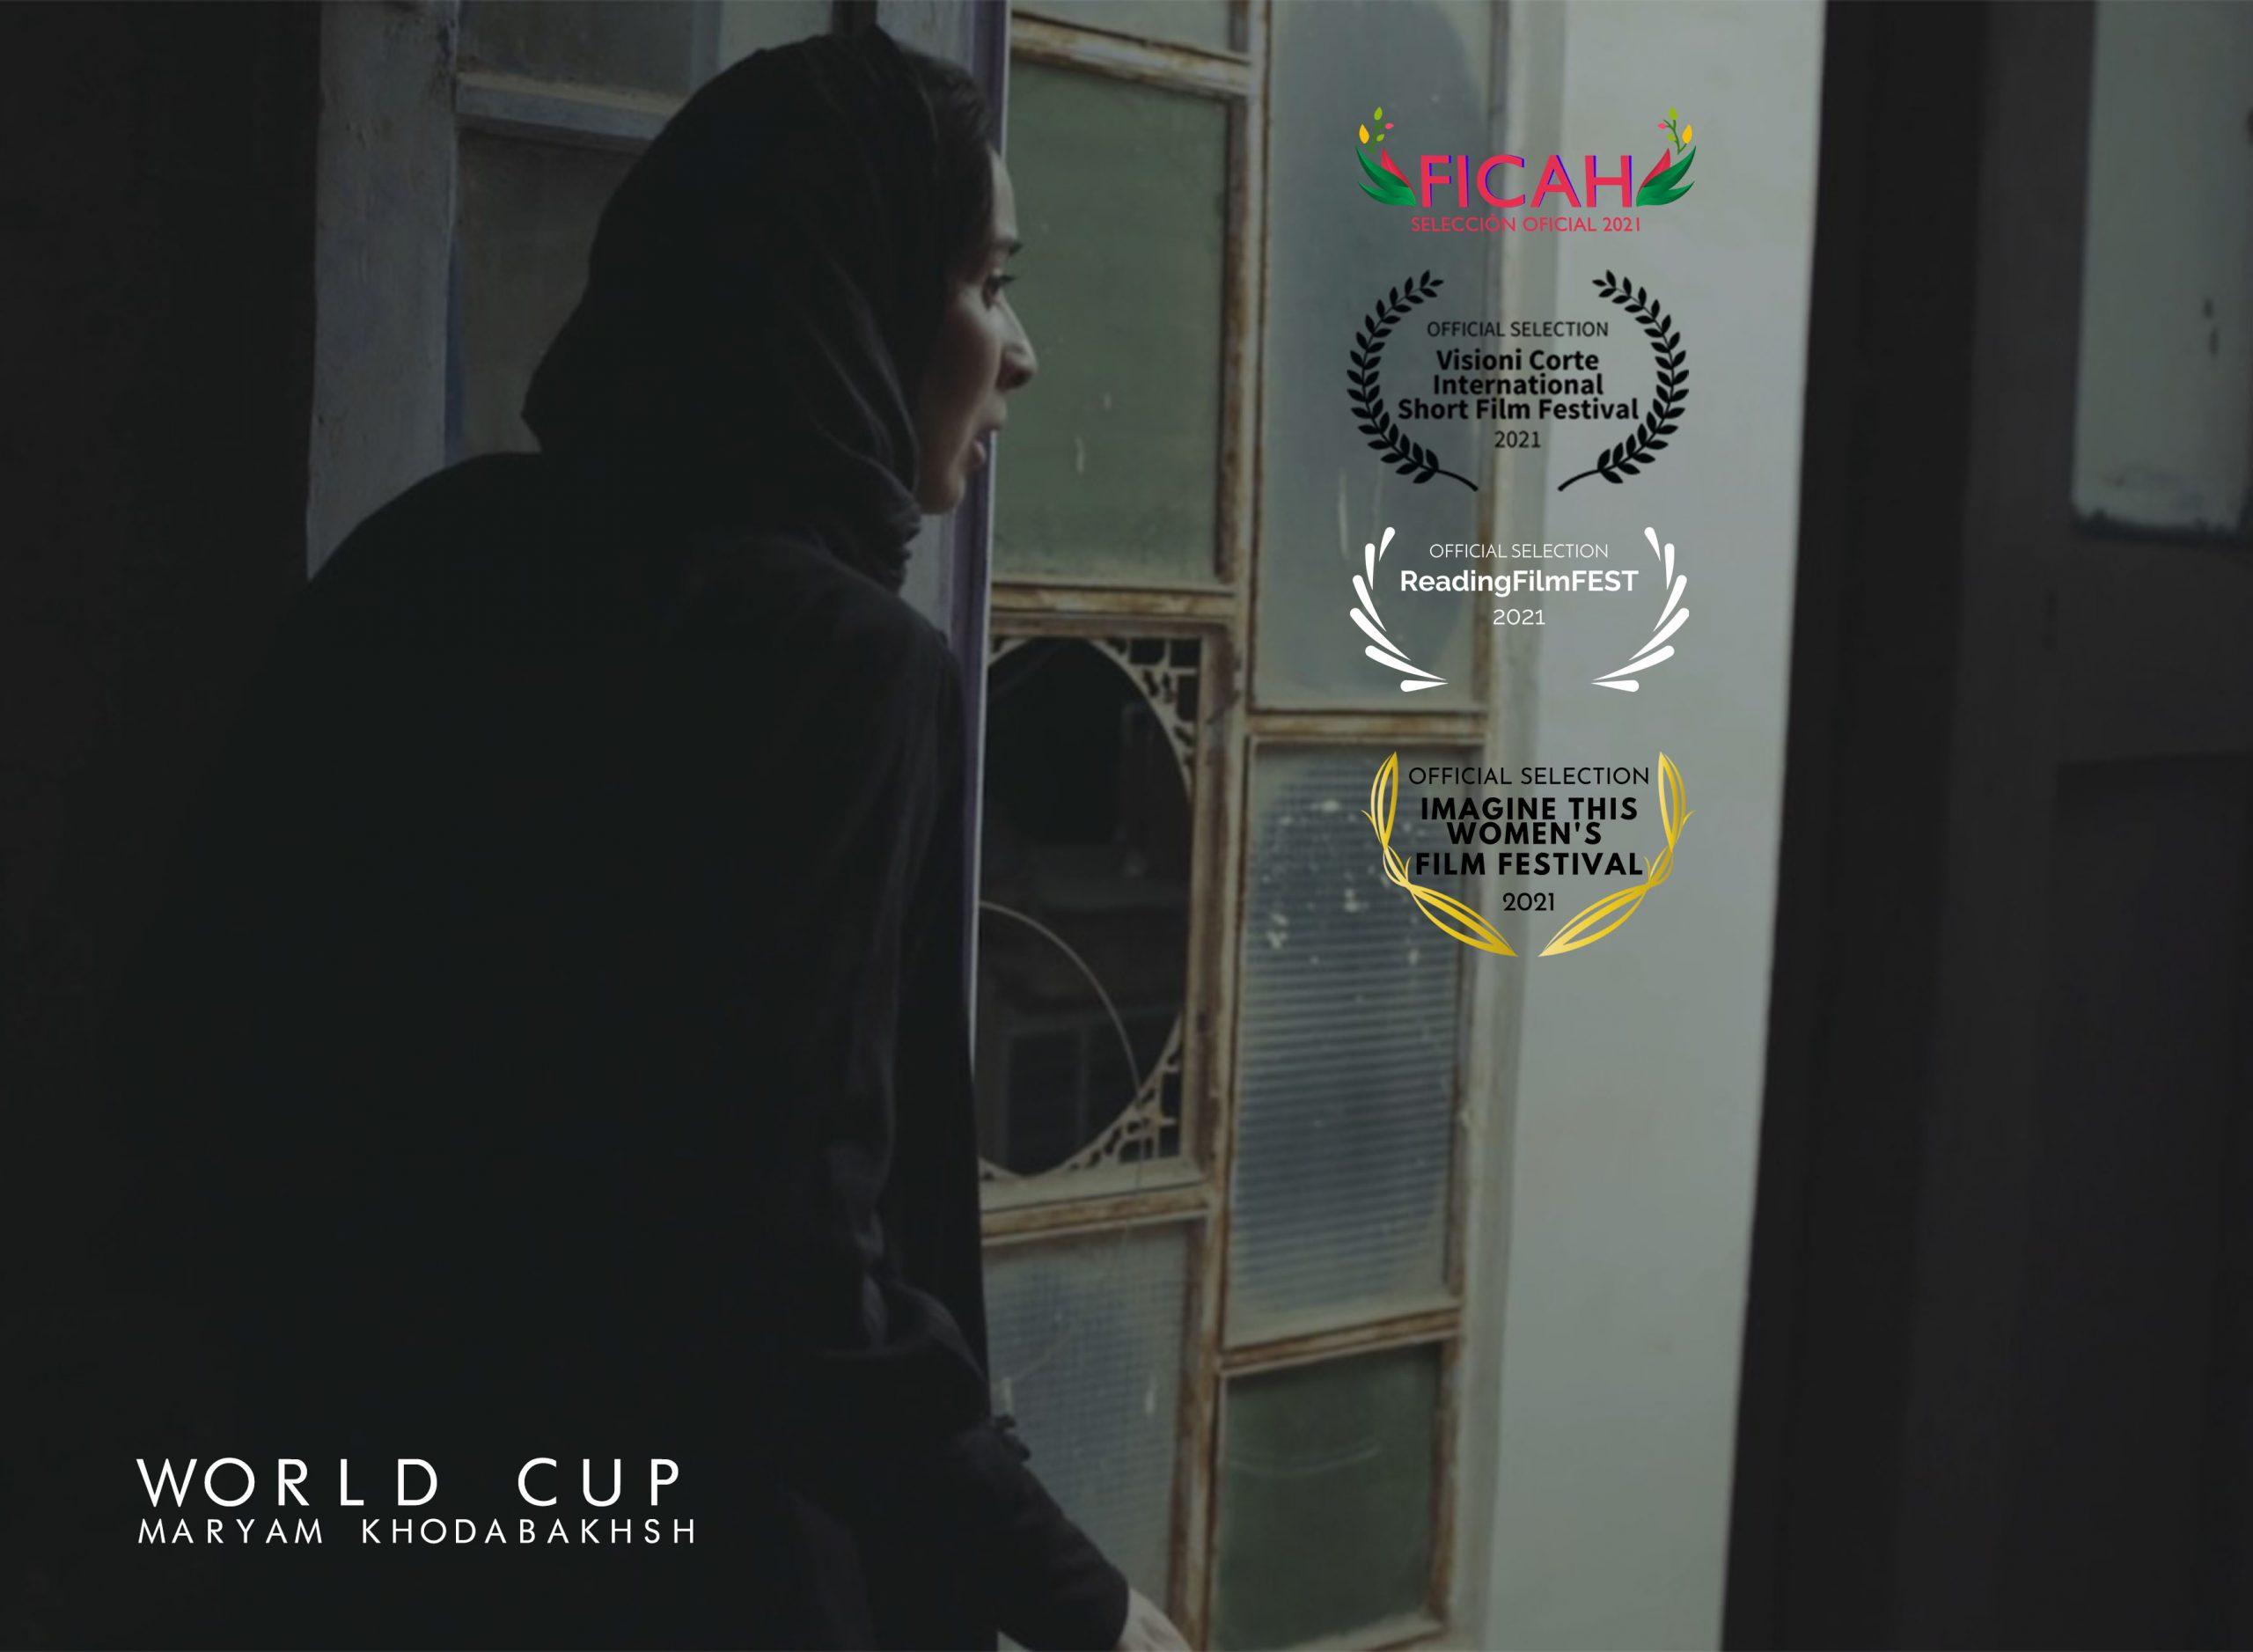 در ادامه حضورهای بینالمللی خود: «جام جهانی» در دو جشنواره بینالمللی رقابت میکند